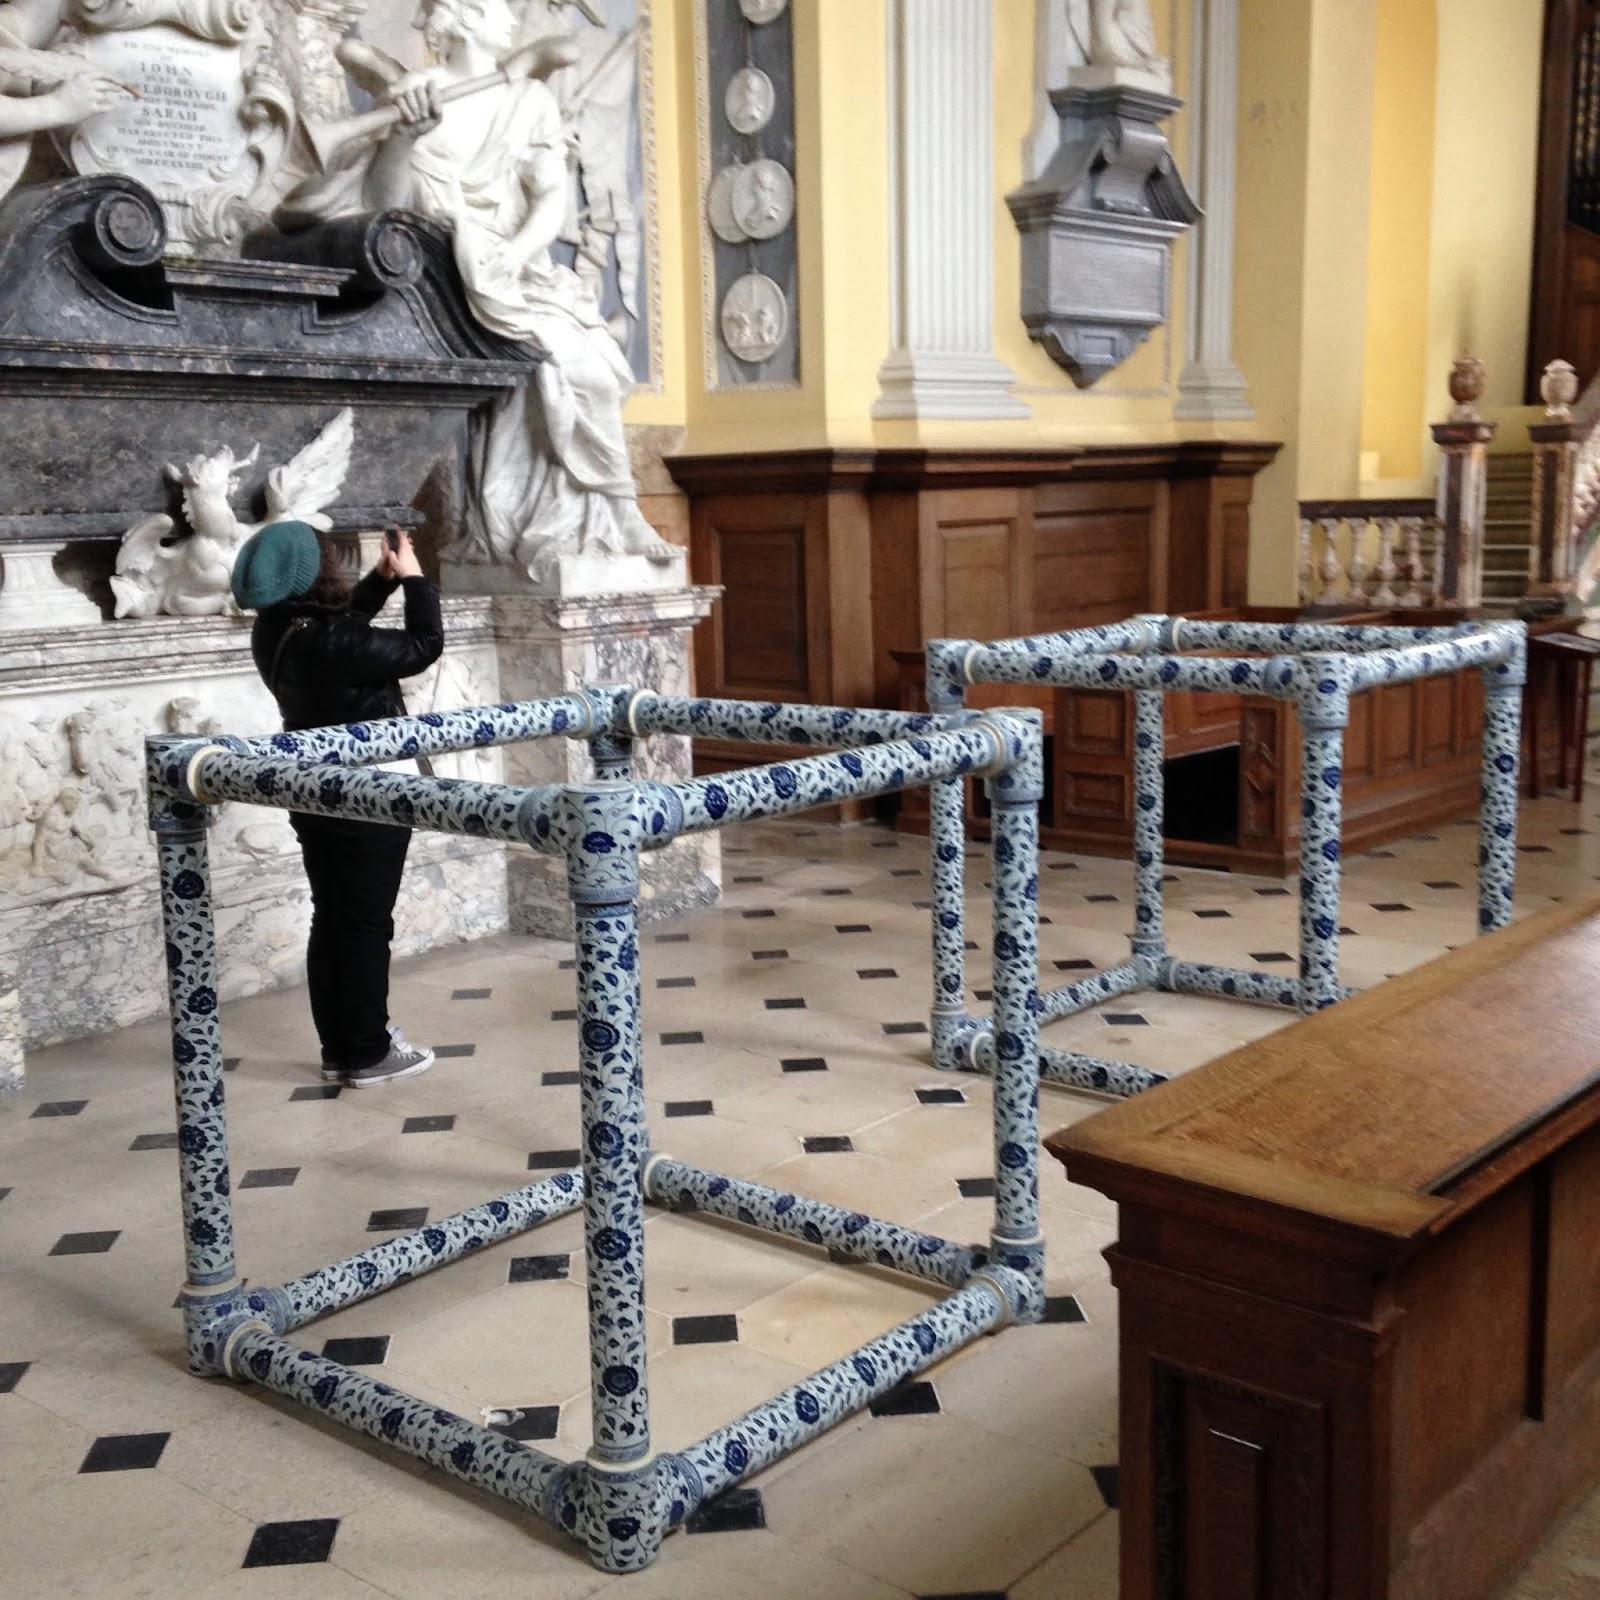 Strange art at Blenheim Palace